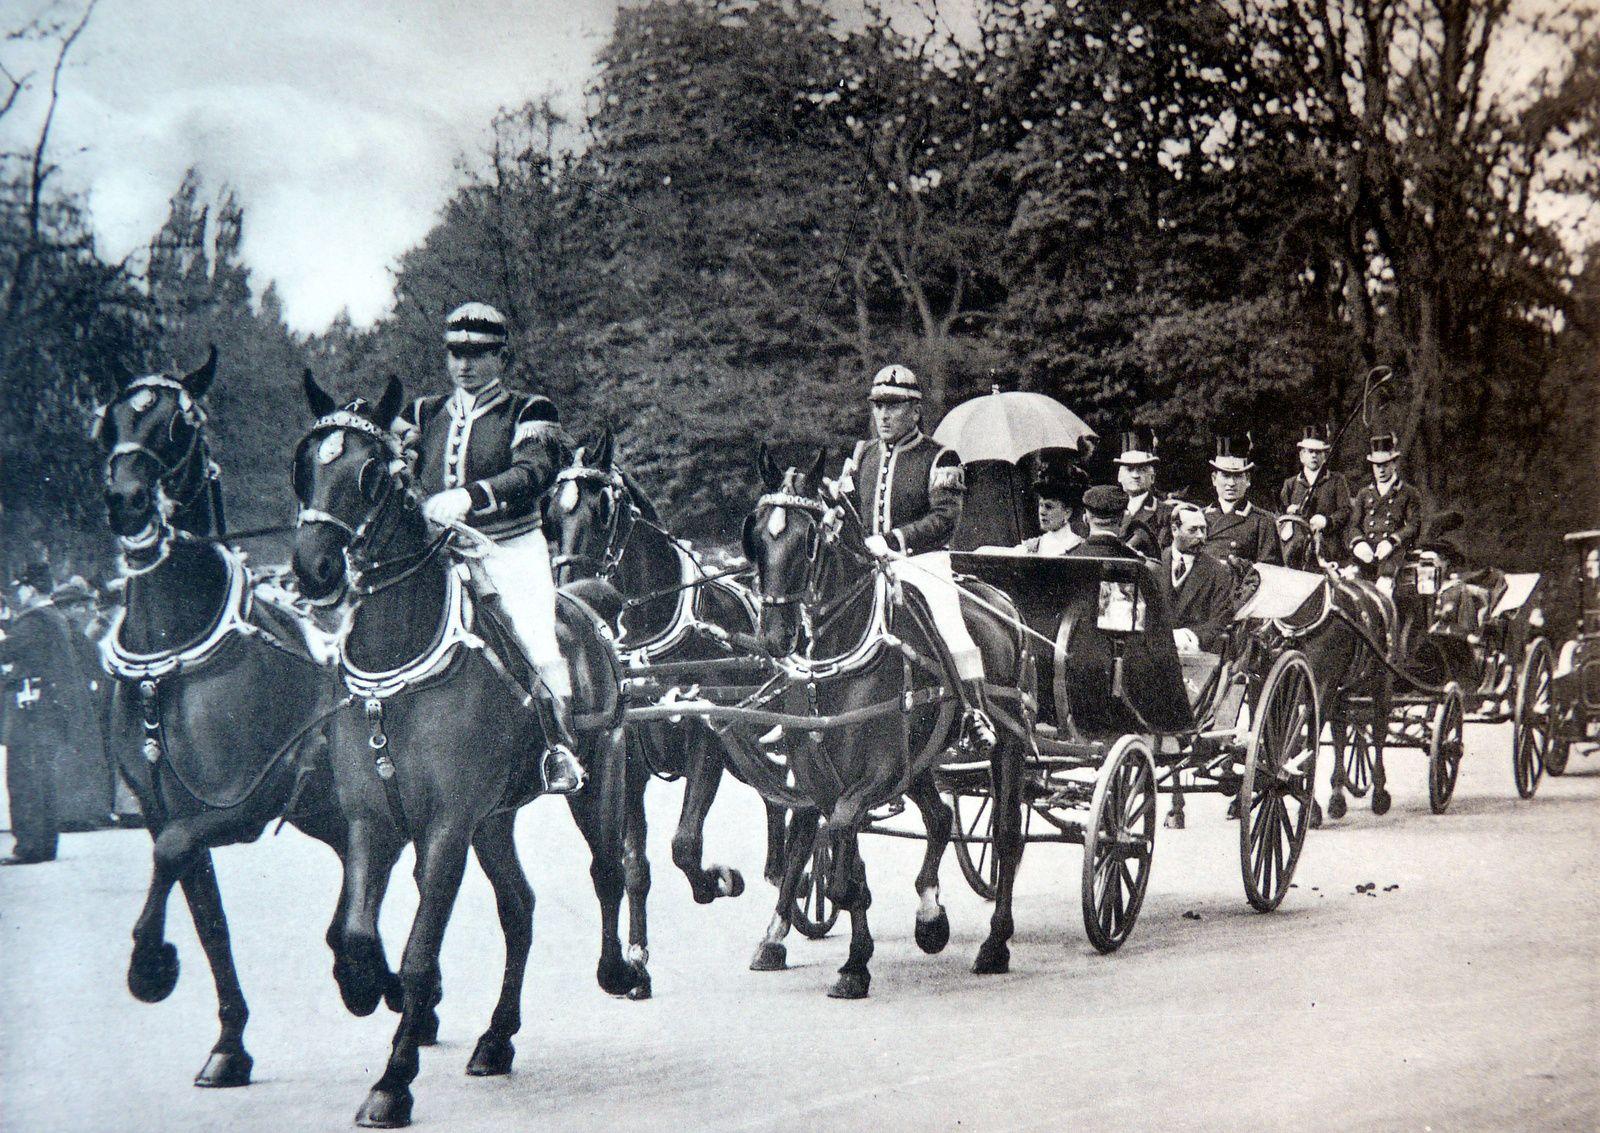 Le Roi d'Angleterre et la reine Marie se rendant aux courses d'Auteuil dans un attelage à la d'Aumont(Delton 1914)